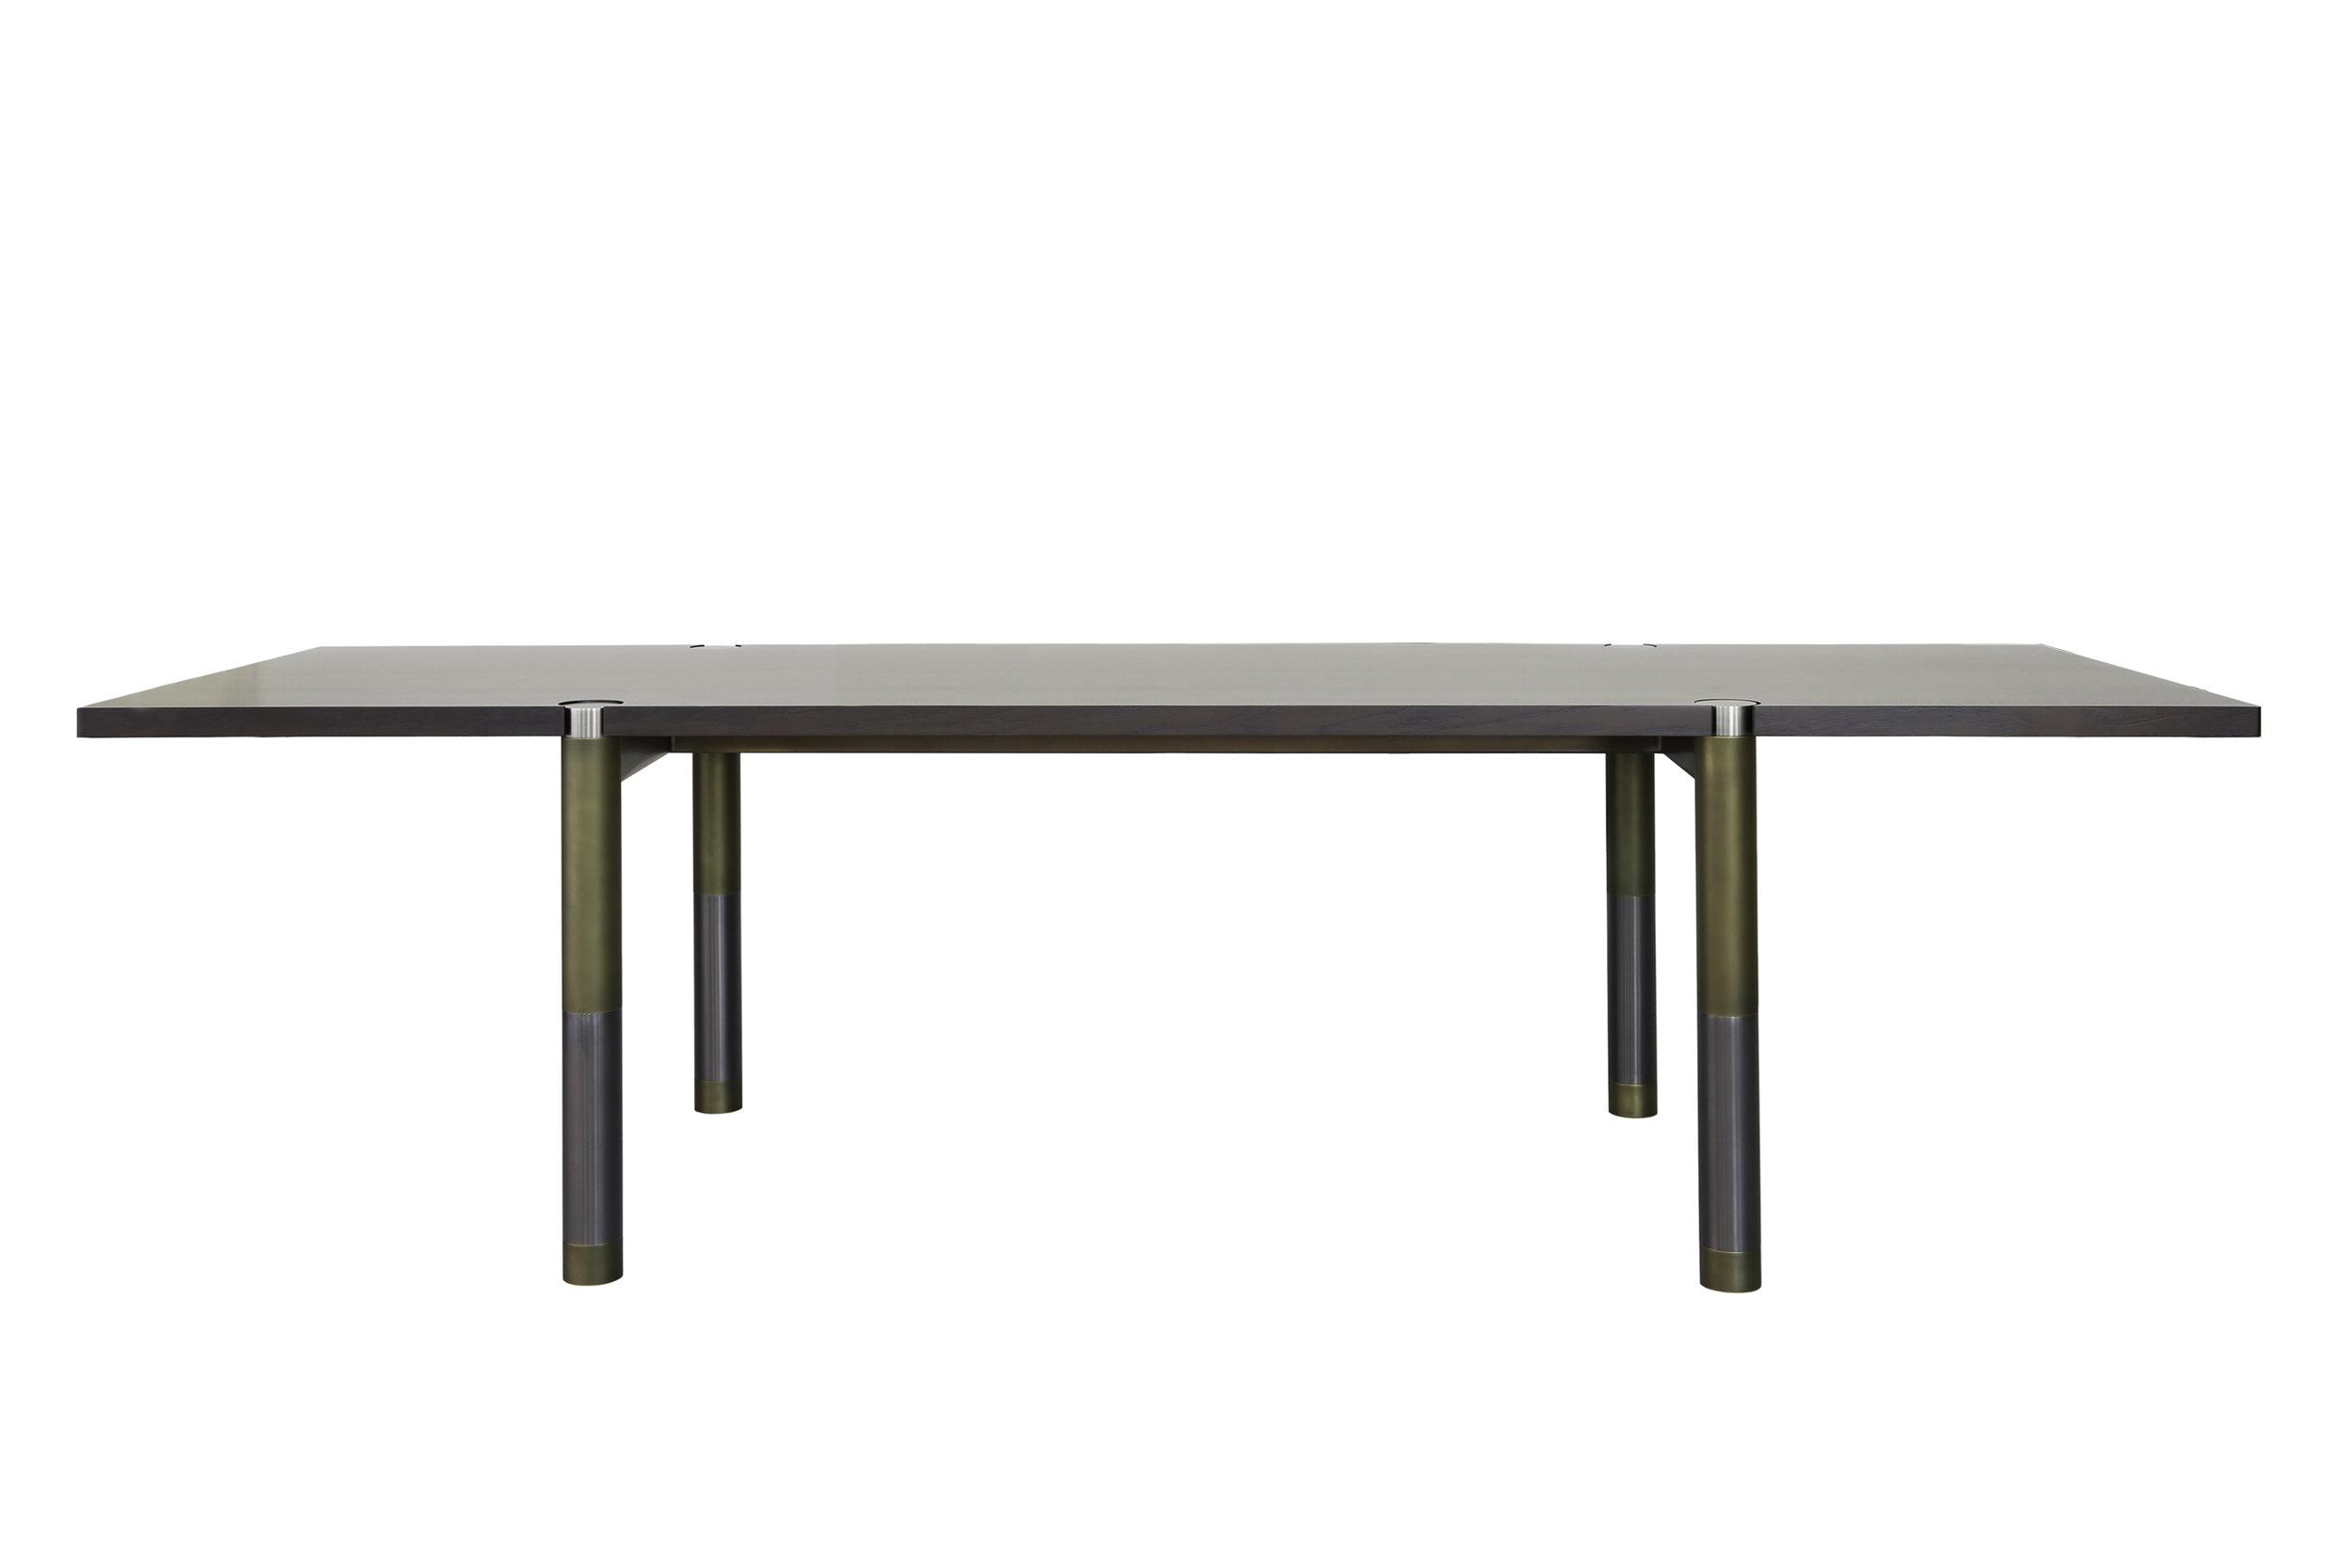 Avram_Rusu_Nova_Dining_Table_1.jpg